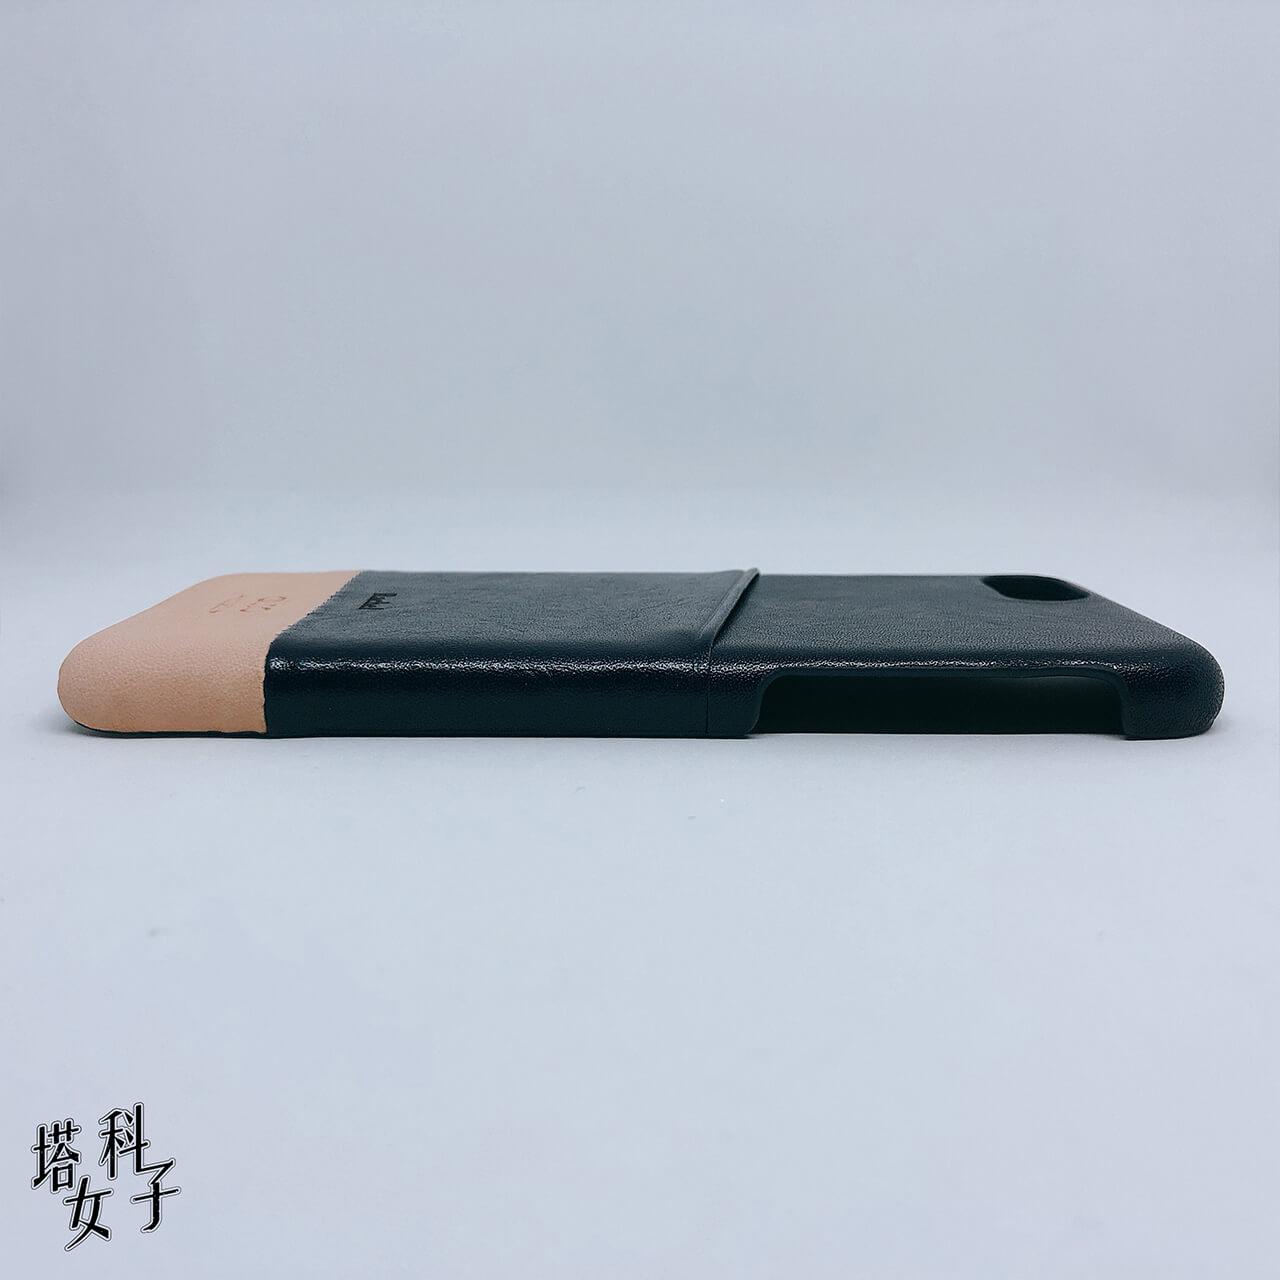 iPhone 手機殼開箱 - alto 平放